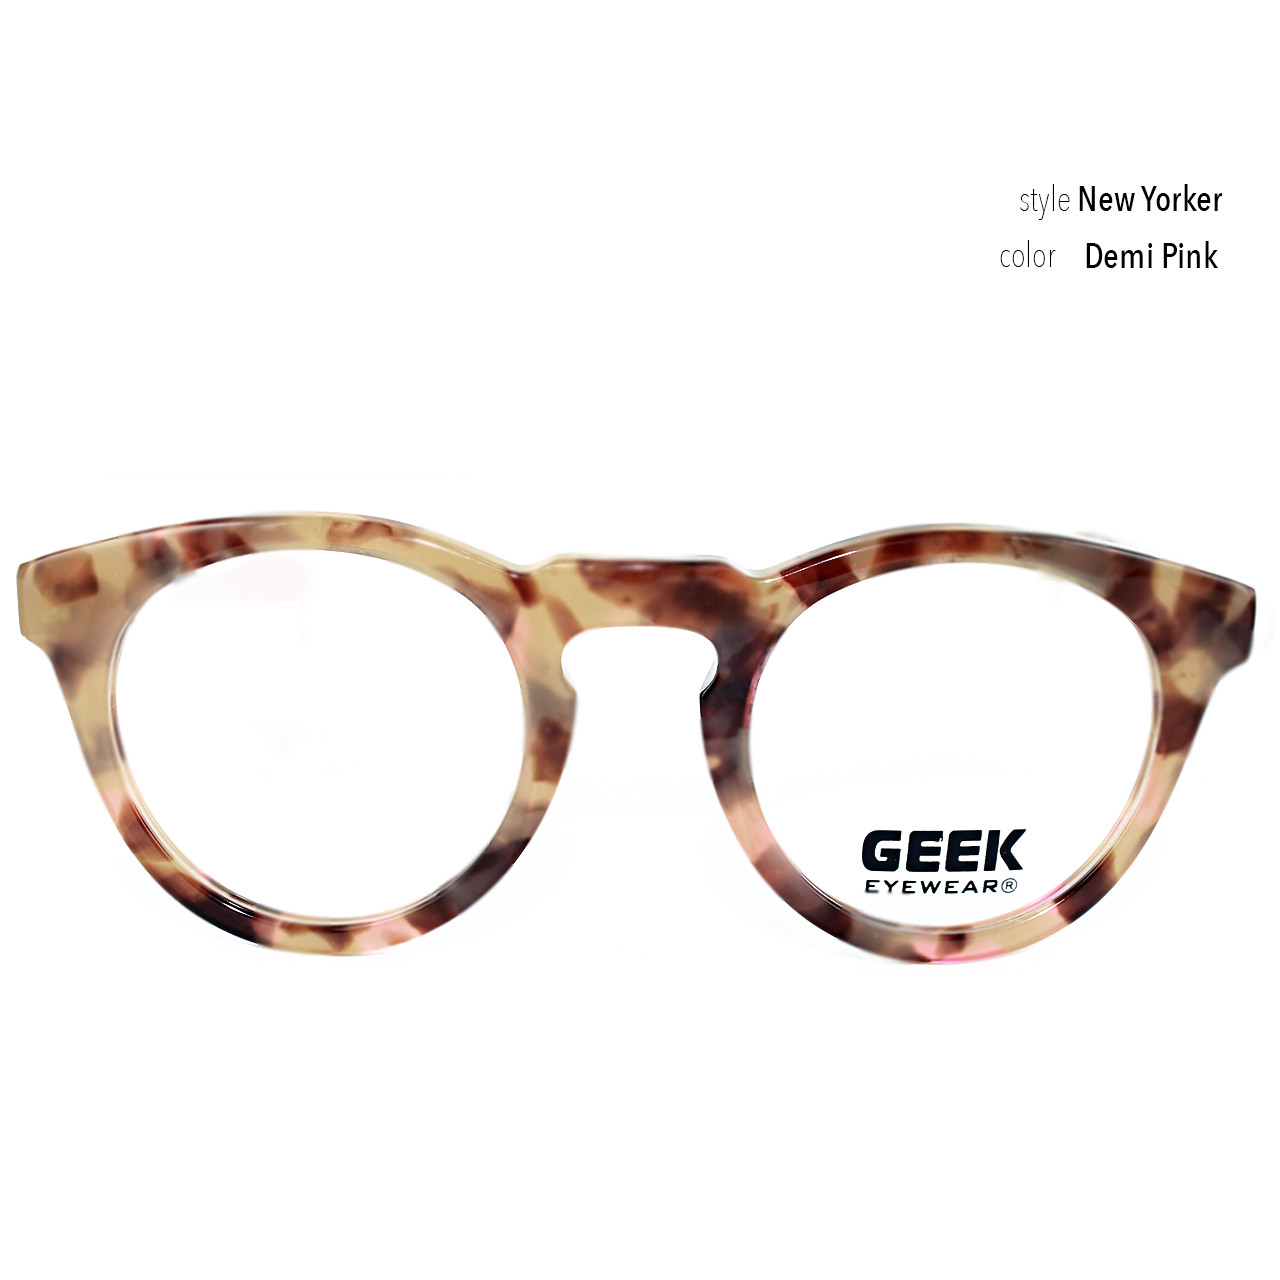 GEEK Eyewear GEEK New Yorker Pink